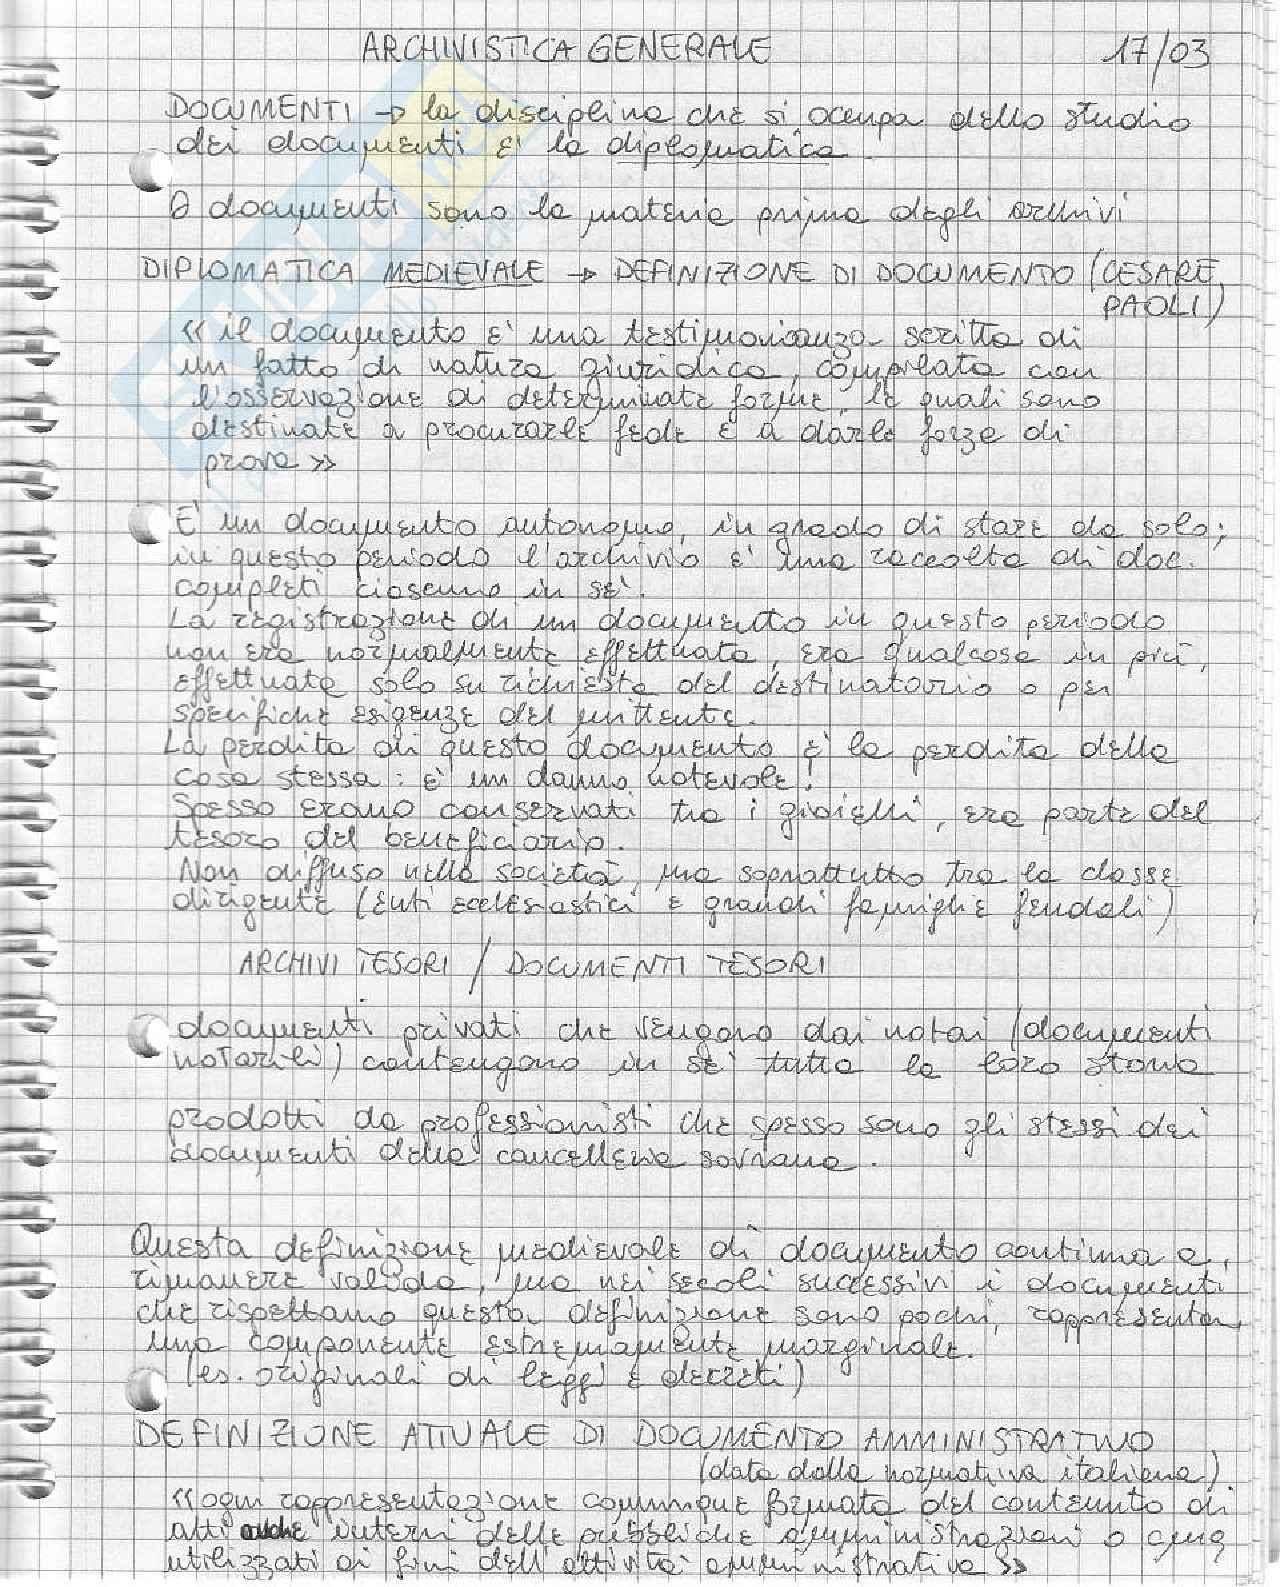 Archivistica - Aspetti generali Pag. 6